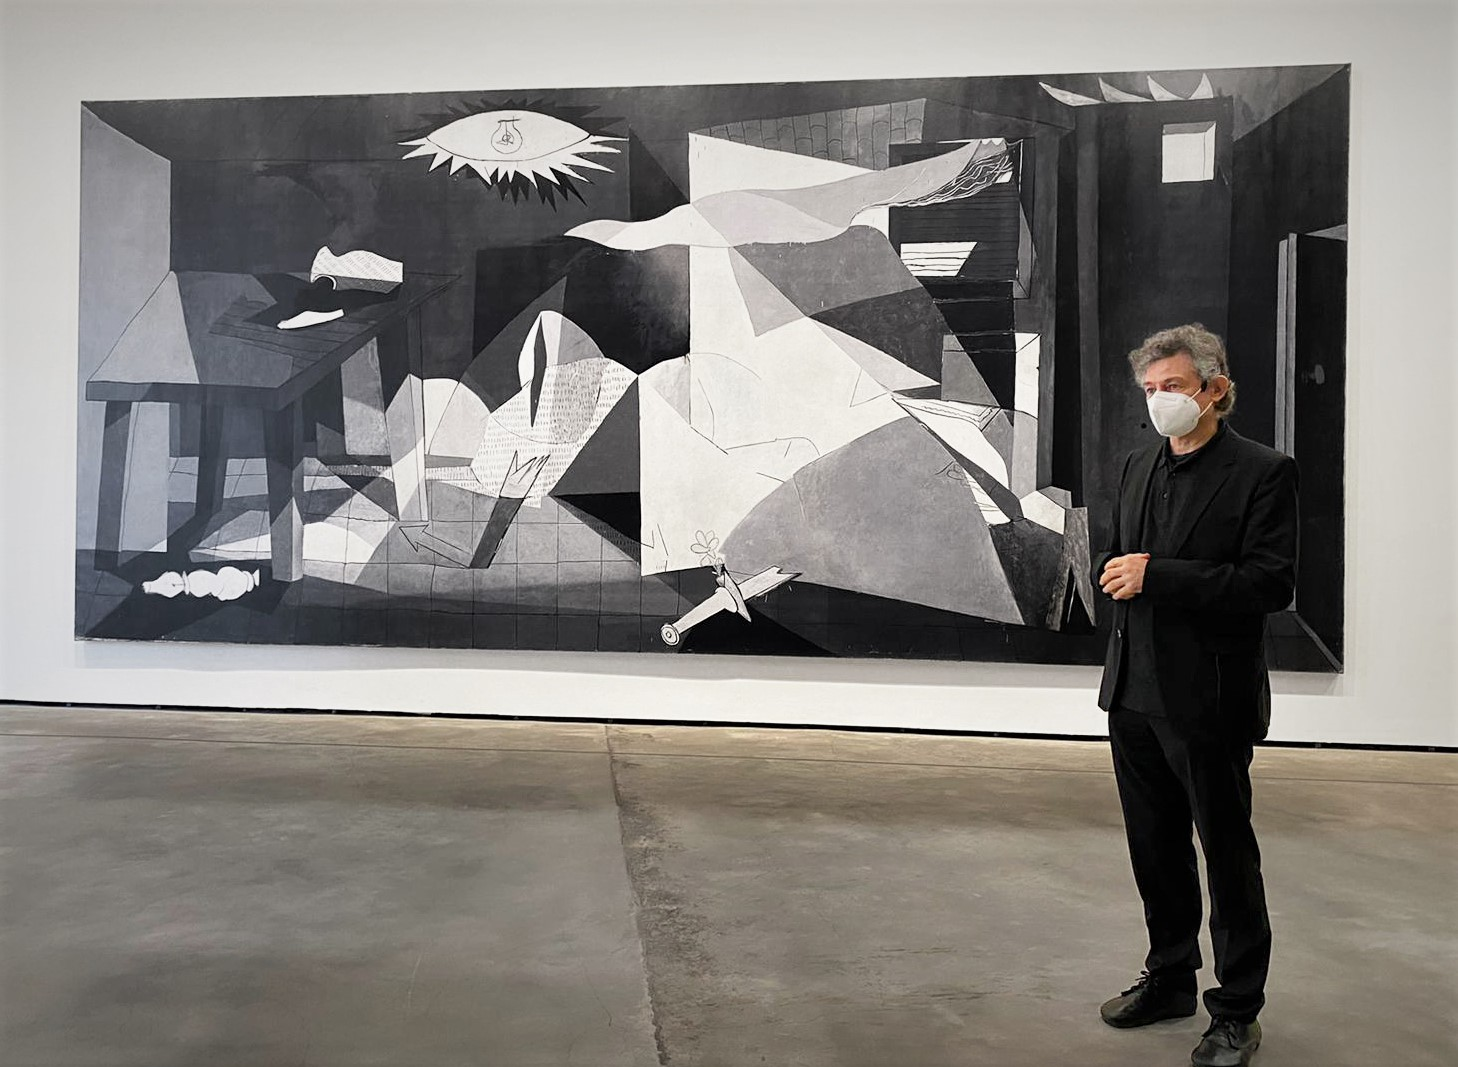 Una Guernica rivisitata. Grazie anche alla stampa digitale di qualità